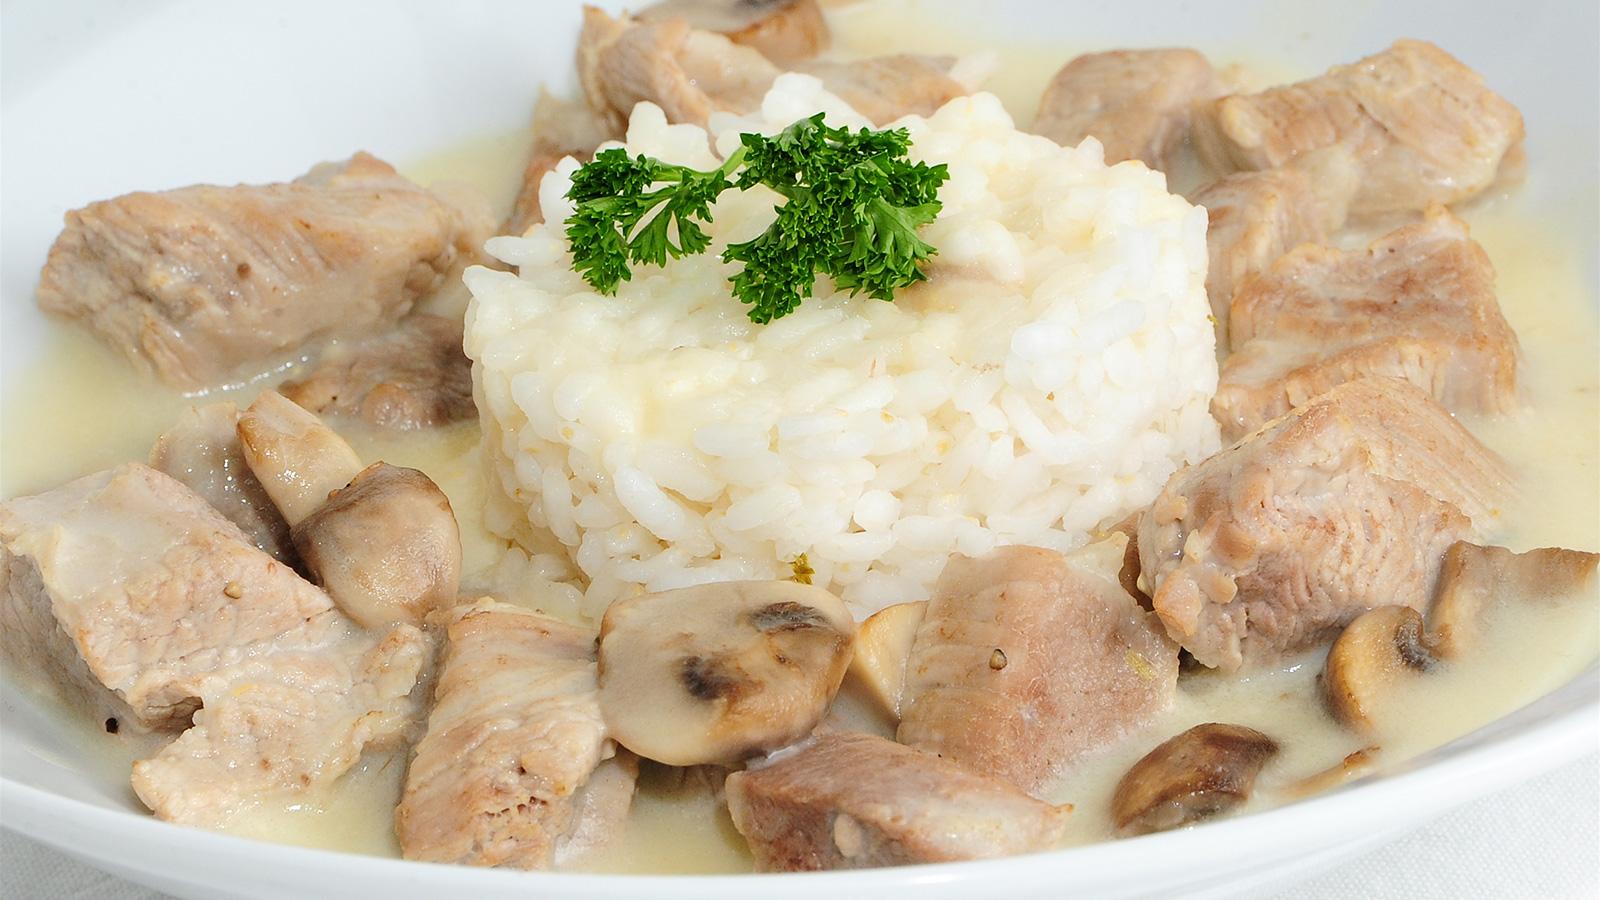 Estofado de ternera blanca evelyne ramelet receta for Cocina francesa canal cocina